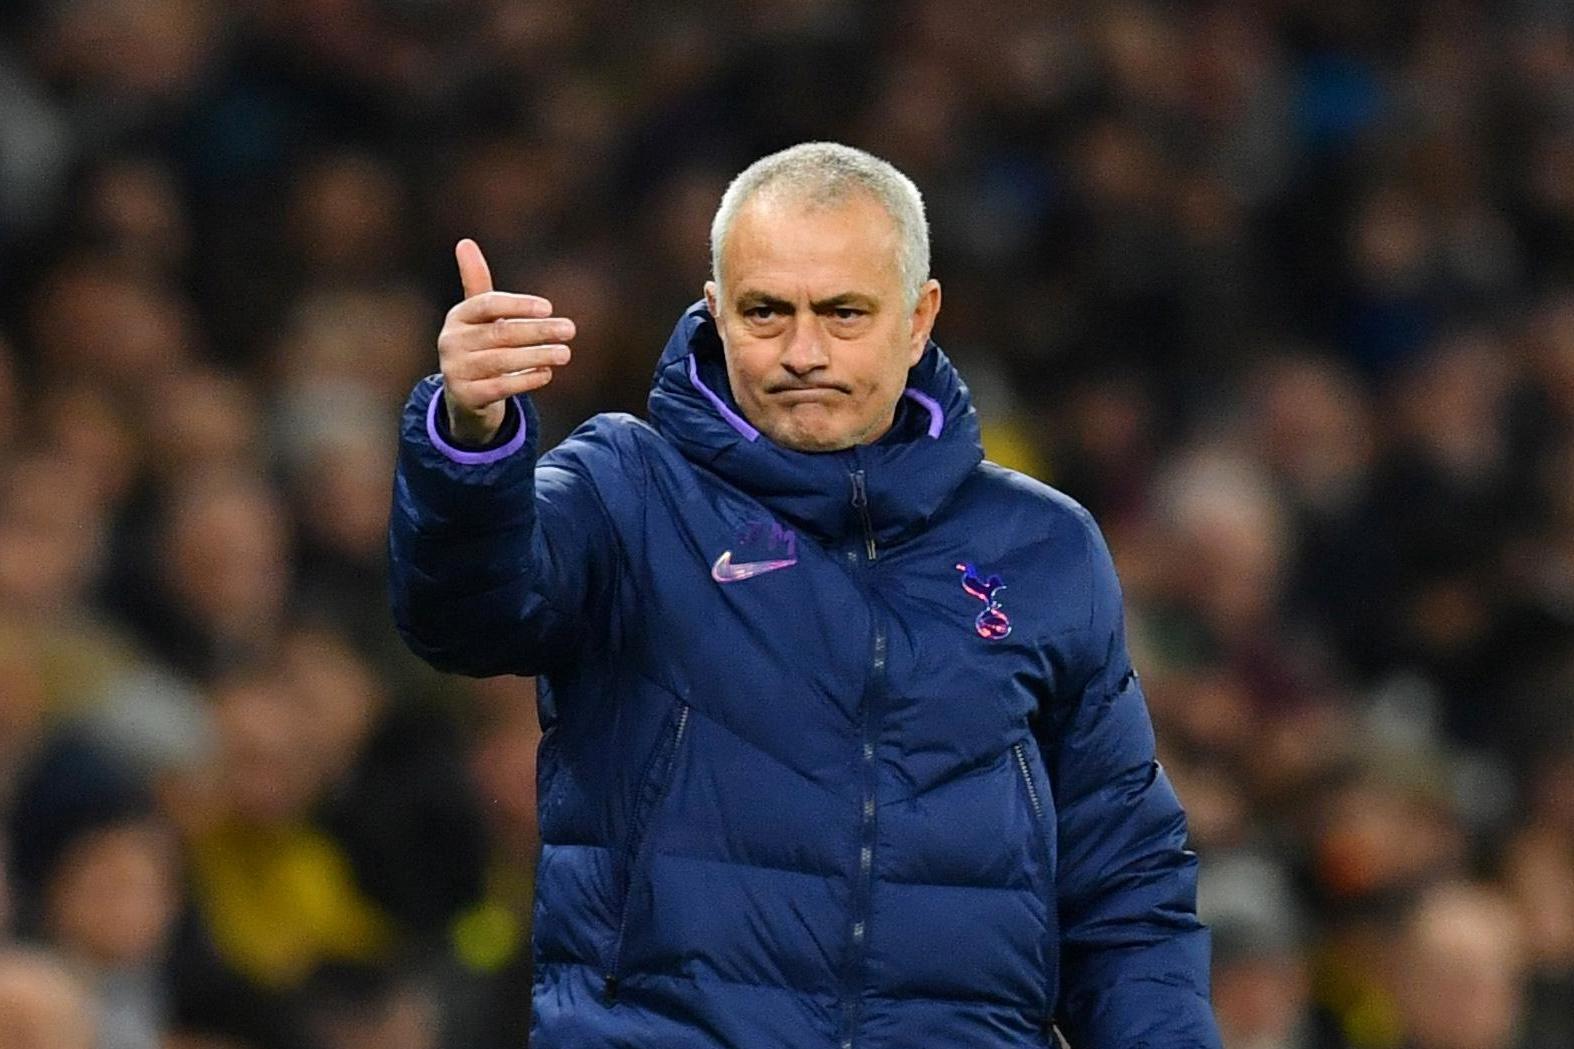 'Chỉ có thể dùng 2 từ để diễn tả tính cách của Jose Mourinho' - Bóng Đá